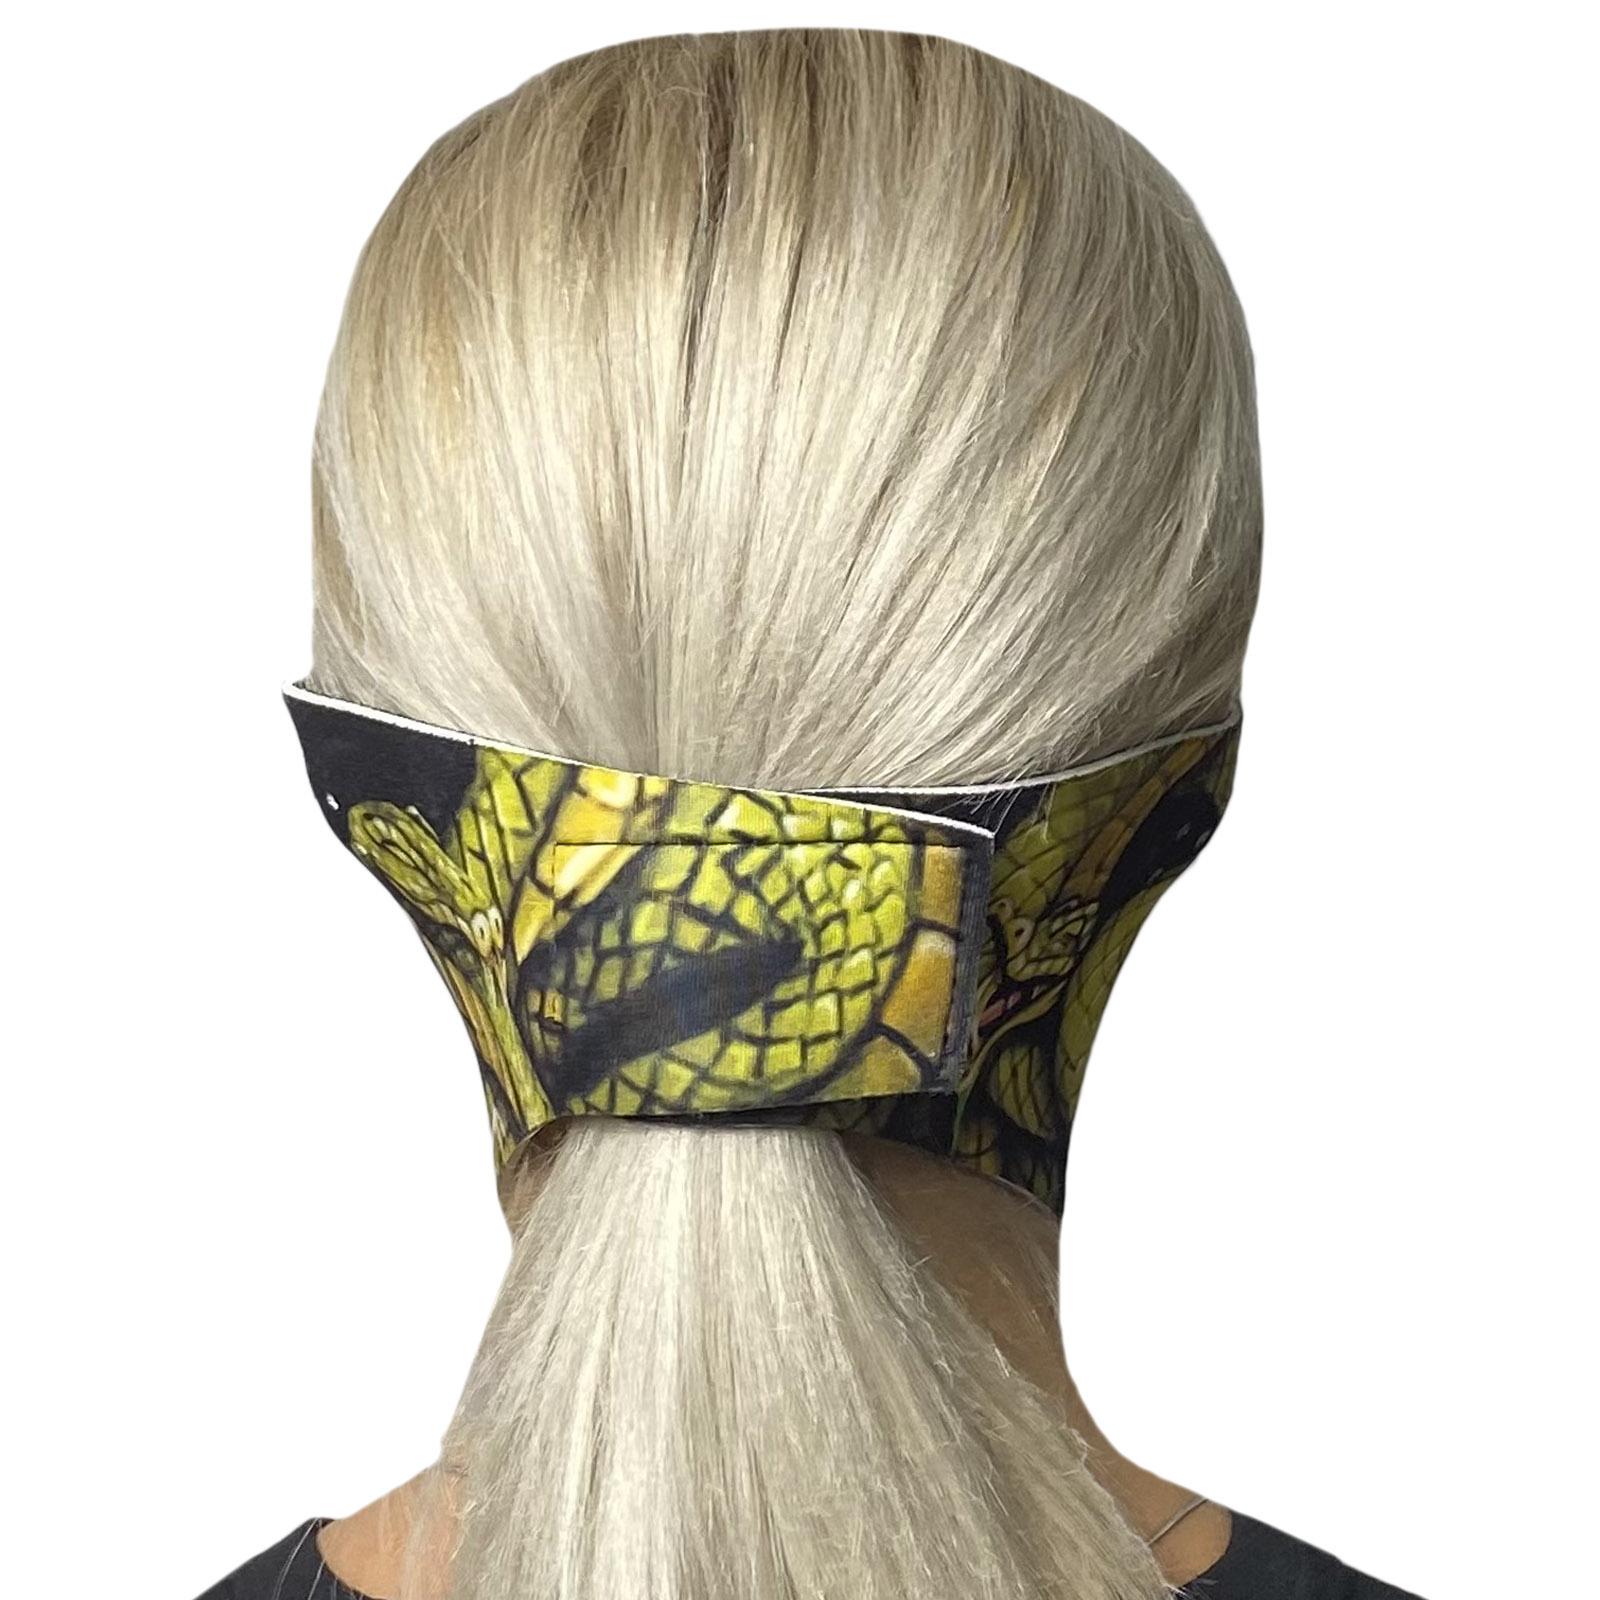 Брутальная стильная маска Wild Wear Serpent с защитой от вирусов